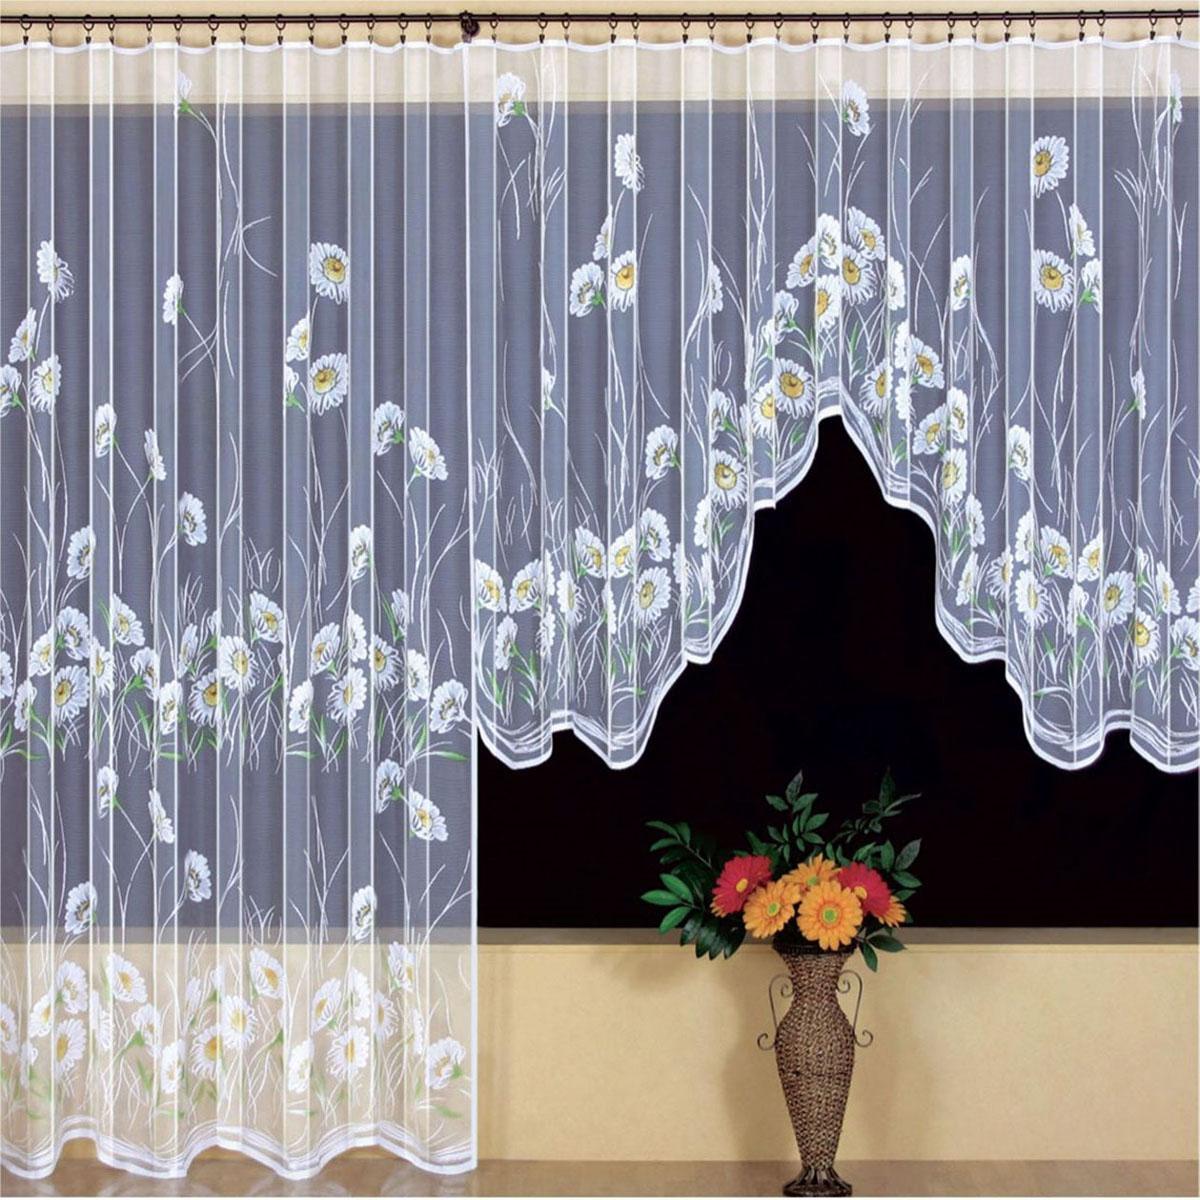 Гардина Wisan, на ленте, цвет: белый, высота 250 см. 9425VT-1840-BKГардина Wisan, выполненная из легкого полупрозрачного полиэстера, станет великолепным украшением окна в спальне или гостиной. Отлично подходит по размеру под балконный блок на прилегающее окно. Изделие дополнено красивым цветочным рисунком в виде ромашек по всей поверхности полотна. Качественный материал, тонкое плетение и оригинальный дизайн привлекут к себе внимание и позволят гардине органично вписаться в интерьер помещения. Гардина оснащена шторной лентой под зажимы для крепления на карниз. Уважаемые клиенты!Обращаем ваше внимание, что в комплект входит одна гардина. Фото с двумя гардинами, данное в интерьере, служит для визуального восприятия товара.